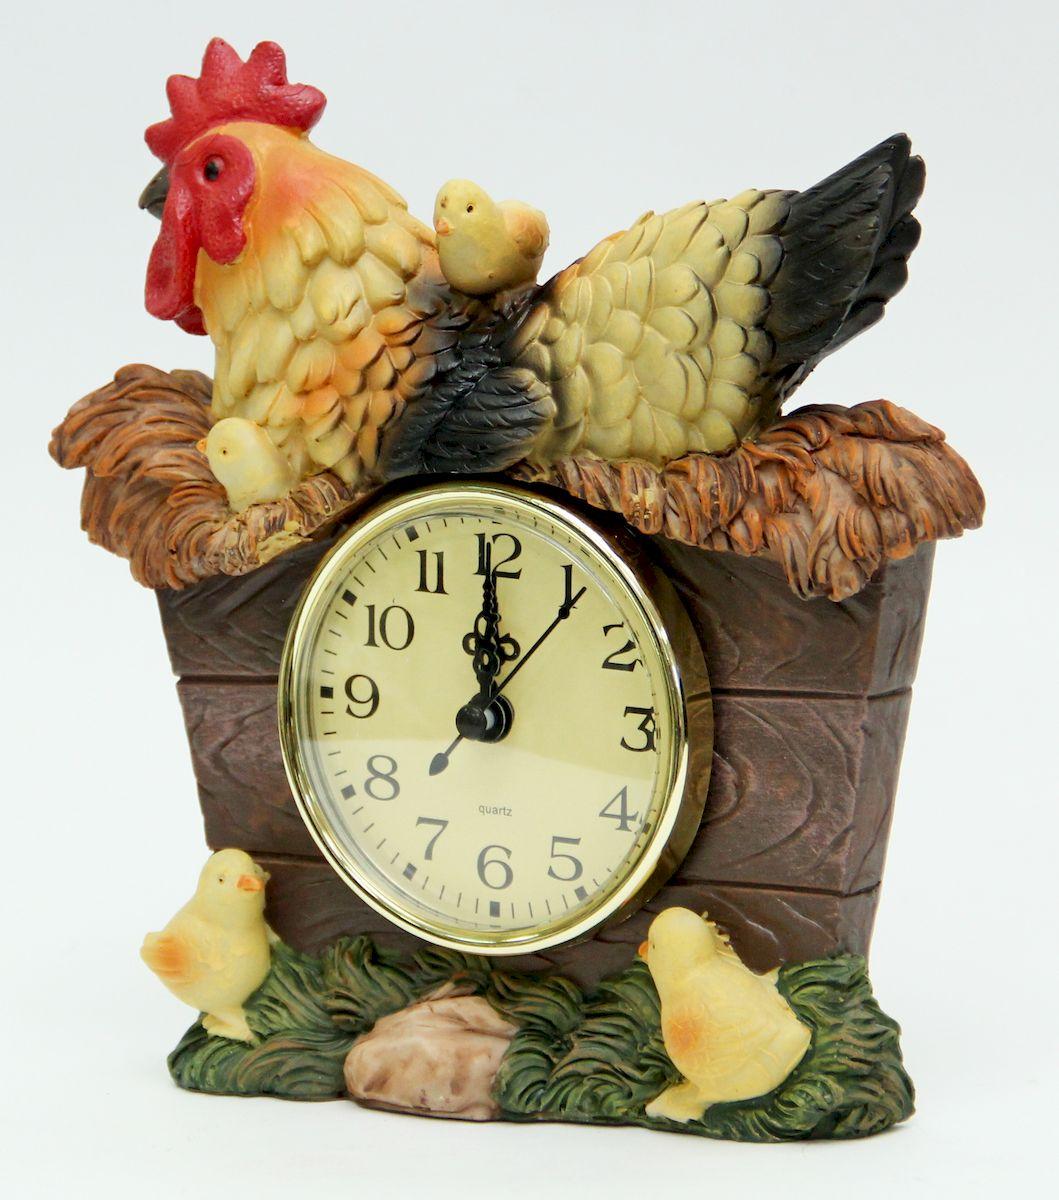 Часы настольные Magic Home Петушок. 4105941059Настольные кварцевые часы Magic Home Петушок изготовлены из полирезина, циферблат изготовлен из прочного пластика. Настольные часы Magic Home Петушок прекрасно оформят интерьер дома или рабочий стол в офисе. Элемент питания не входит в комплект.